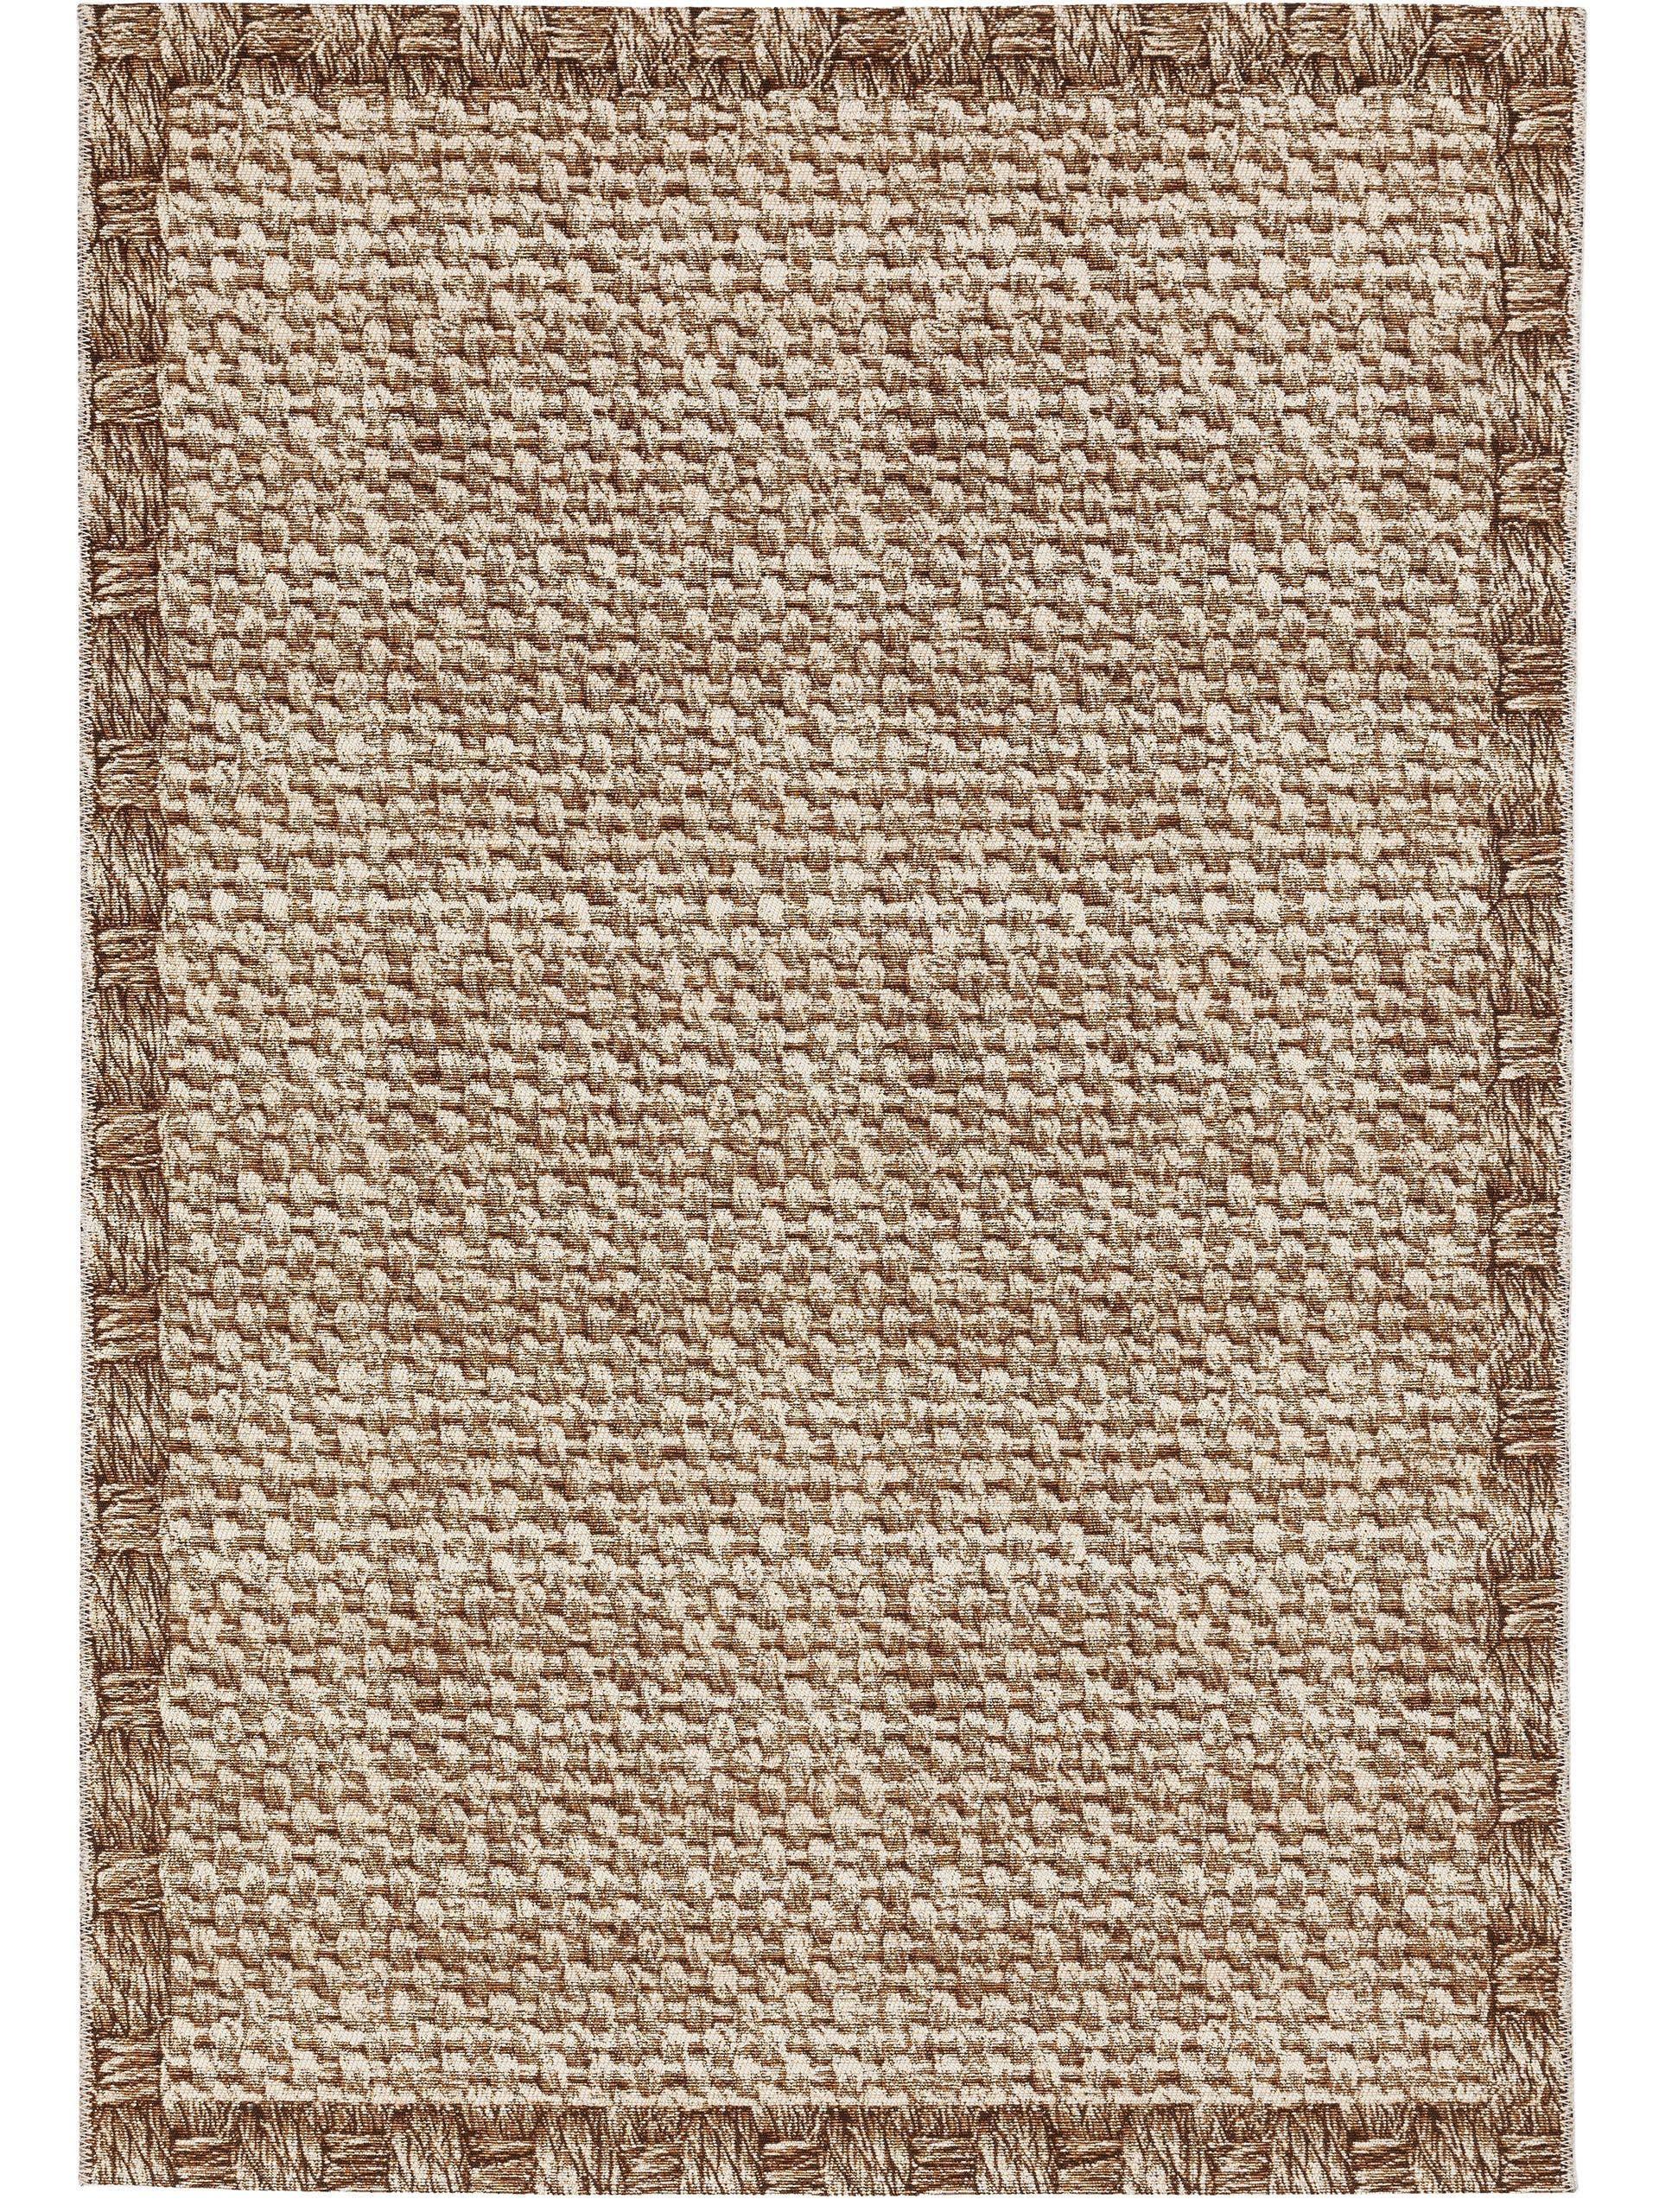 Tapis d'extérieur & intérieur crème/beige 120x180